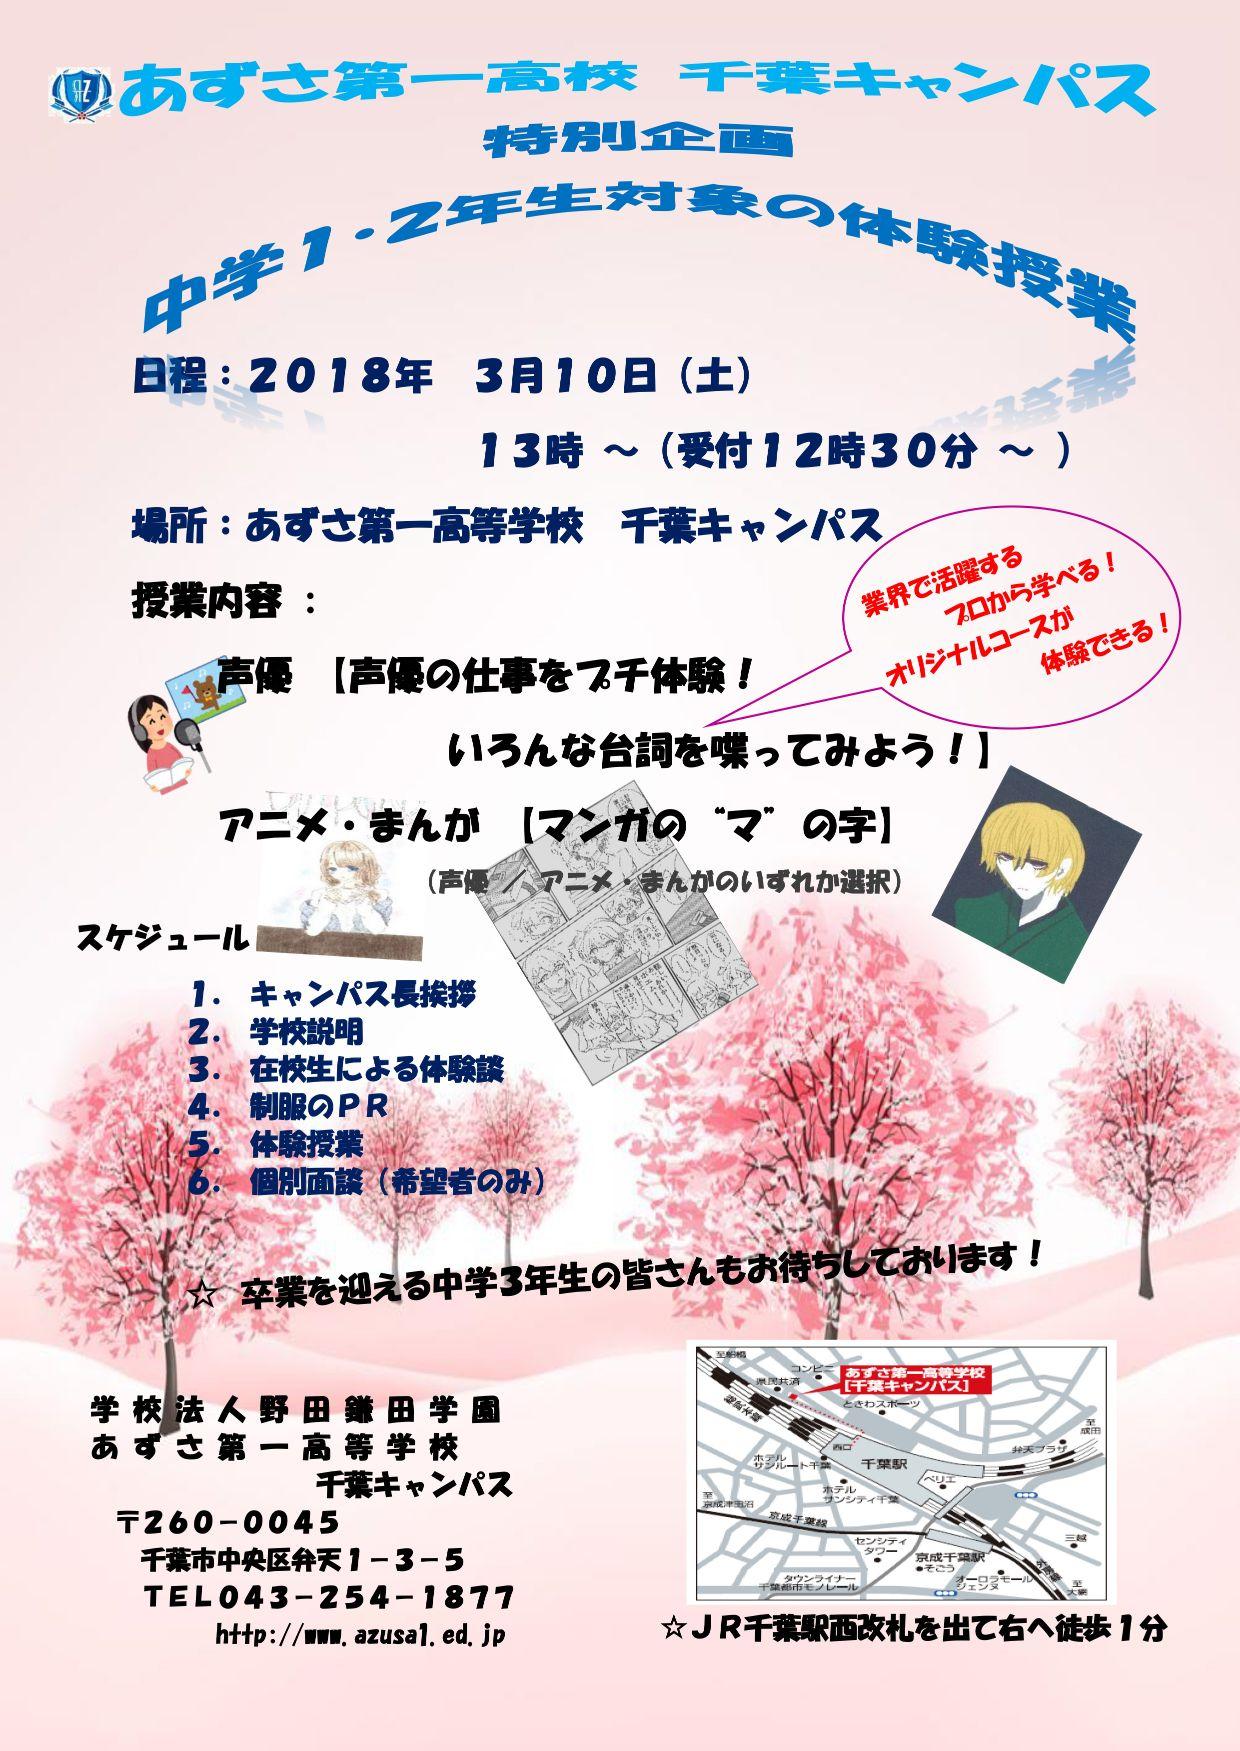 千葉キャンパス 中学1・2年生対象 春の体験授業image1